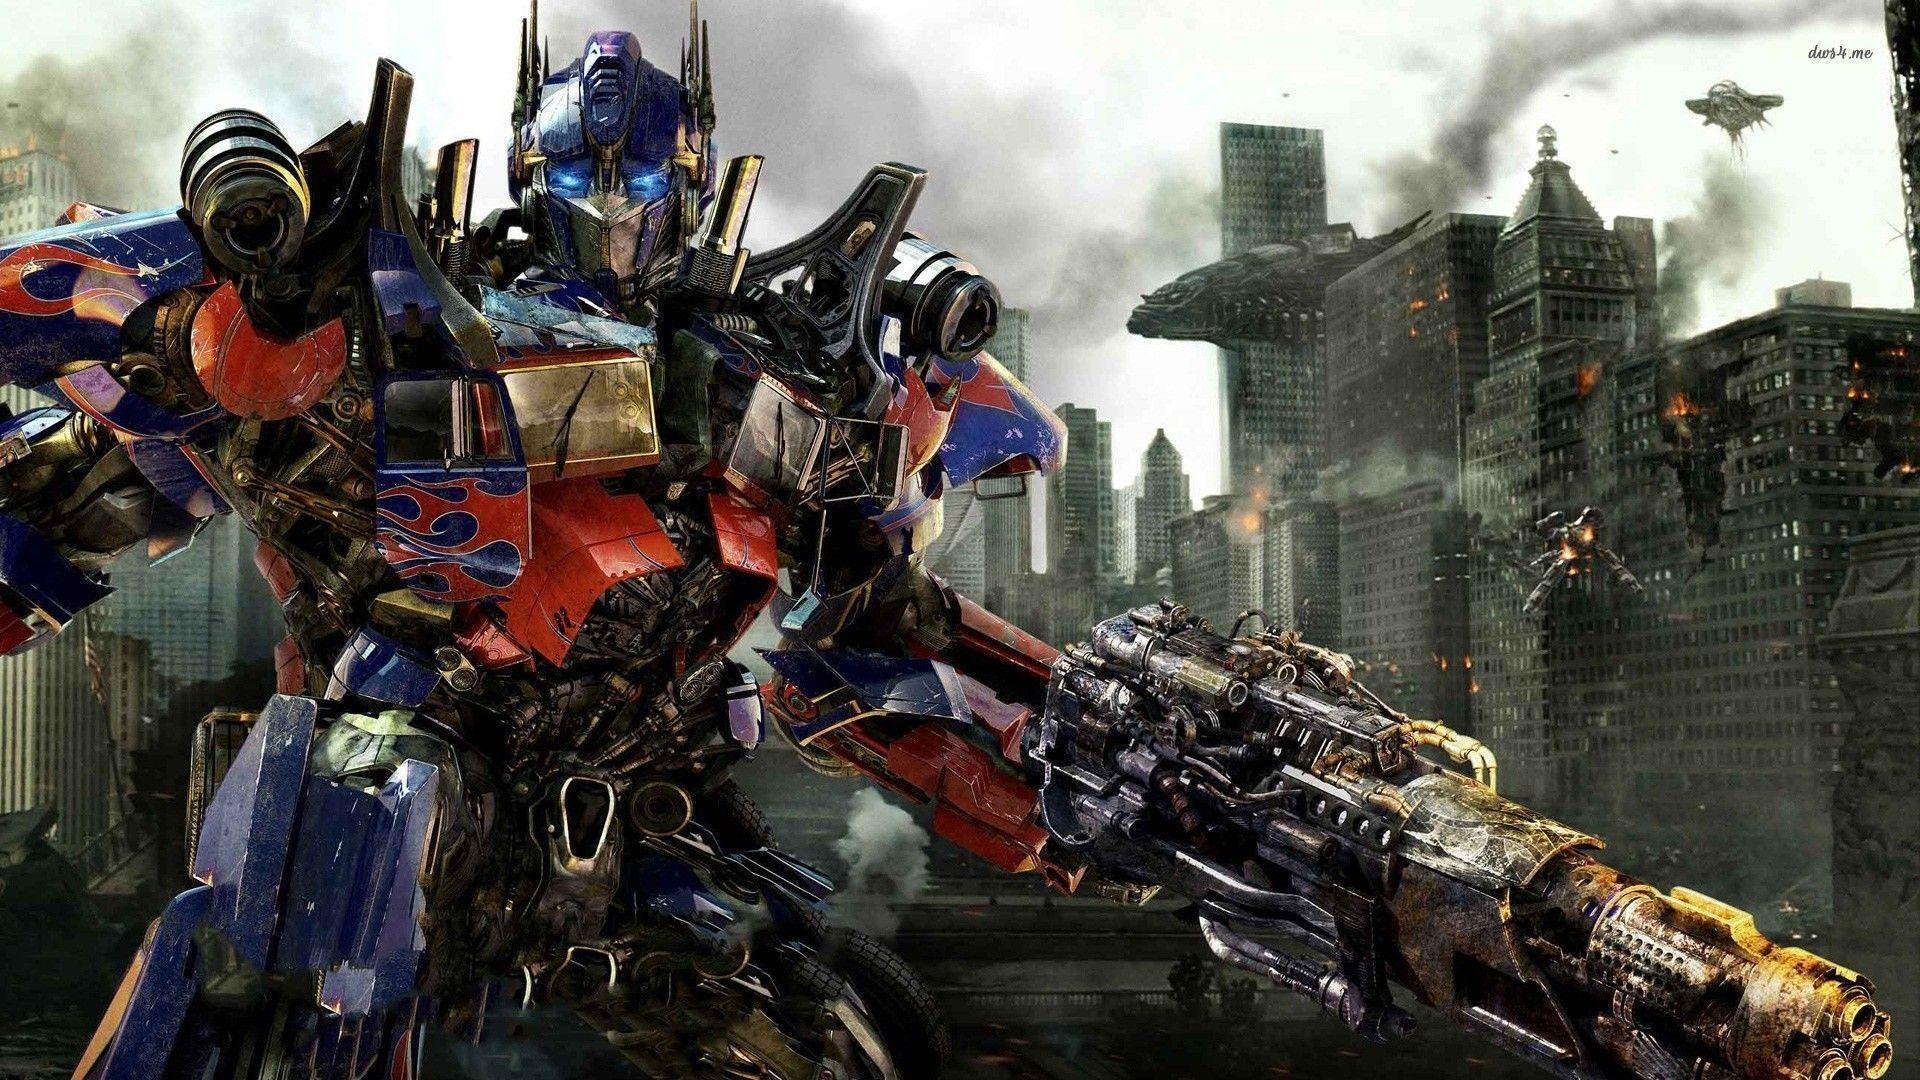 Transformers 2 optimus prime wallpapers wallpaper cave - Wallpapers transformers 4 ...